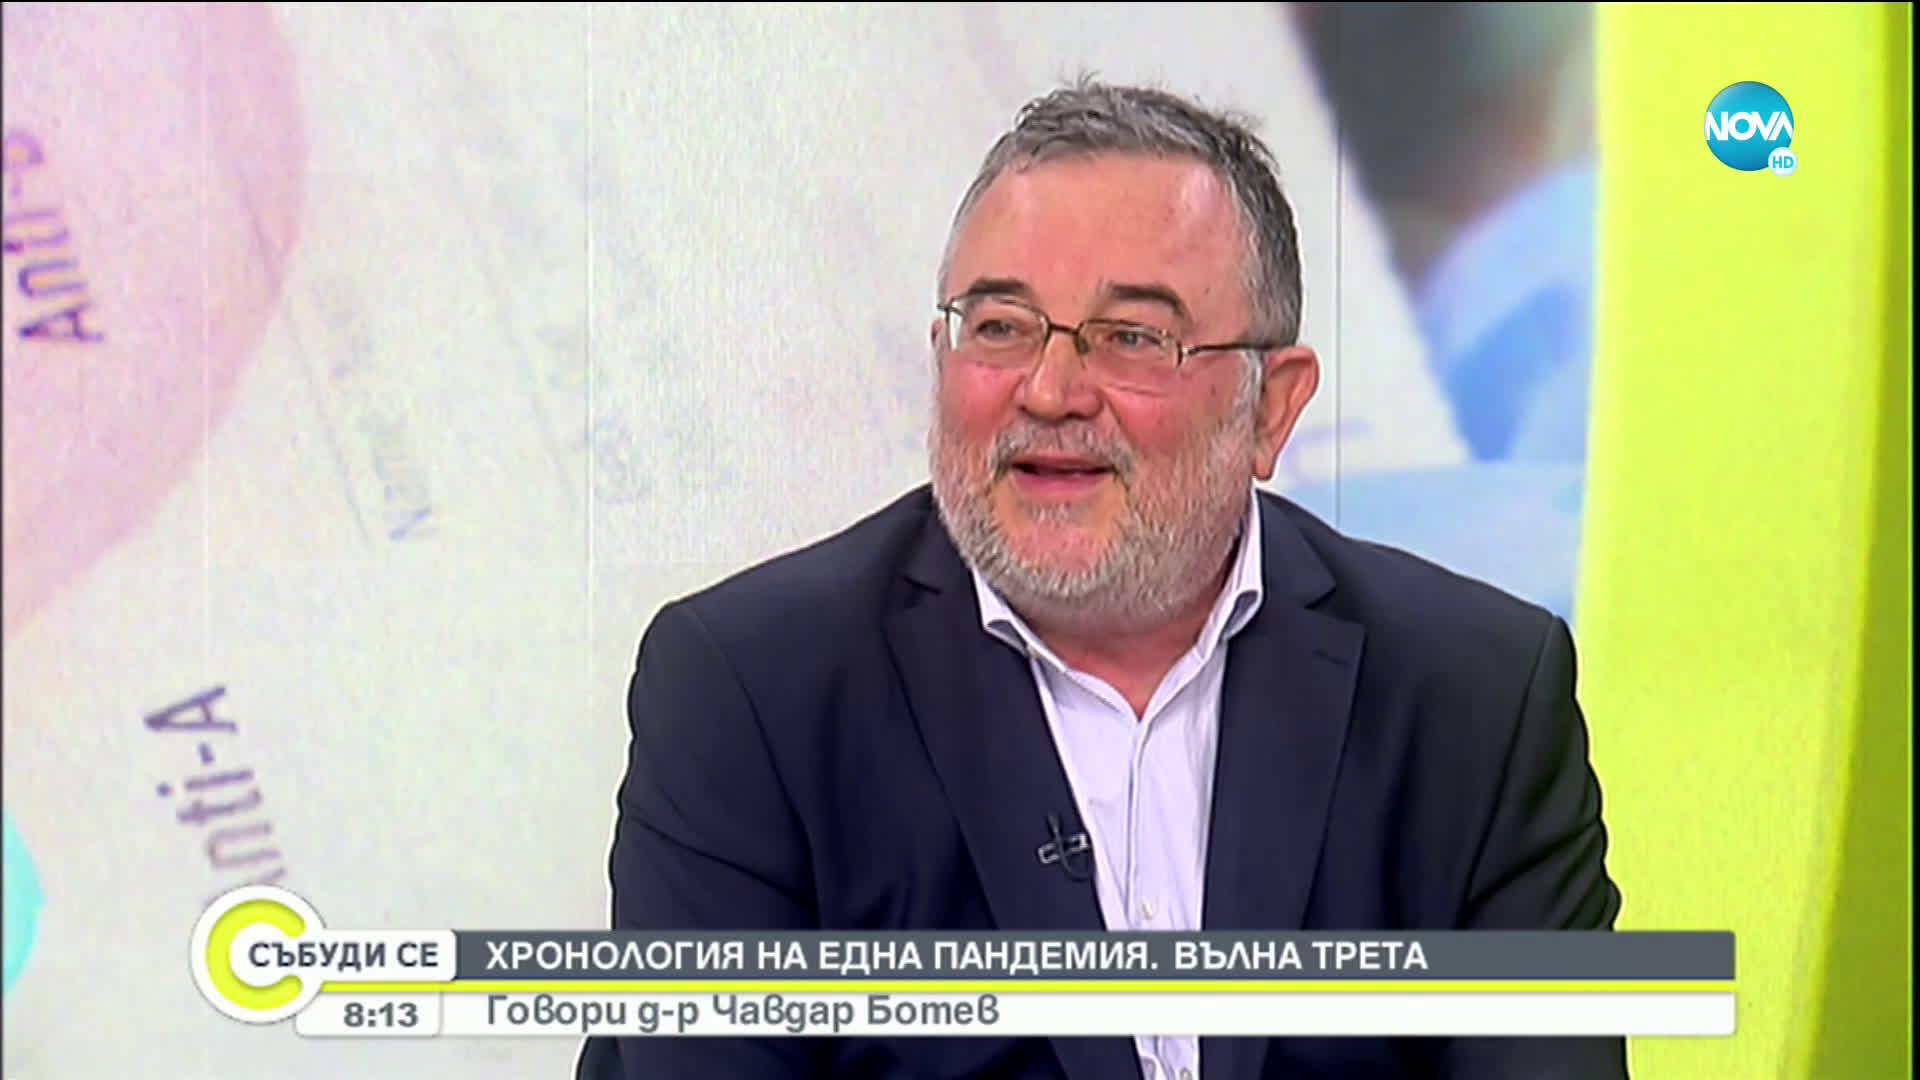 Чавдар Ботев: СЗО счита, че ивермектинът е едно от най-безопасните лекарства